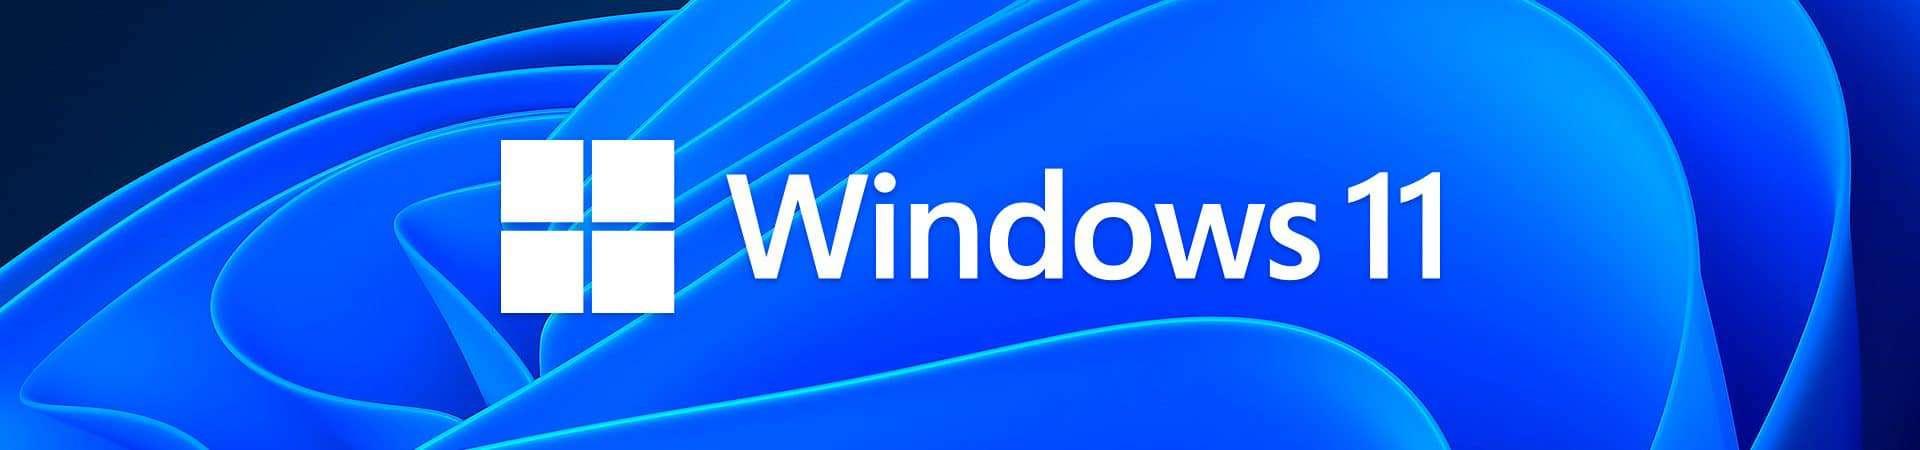 Windows 11 (Imagem: divulgação/Microsoft)